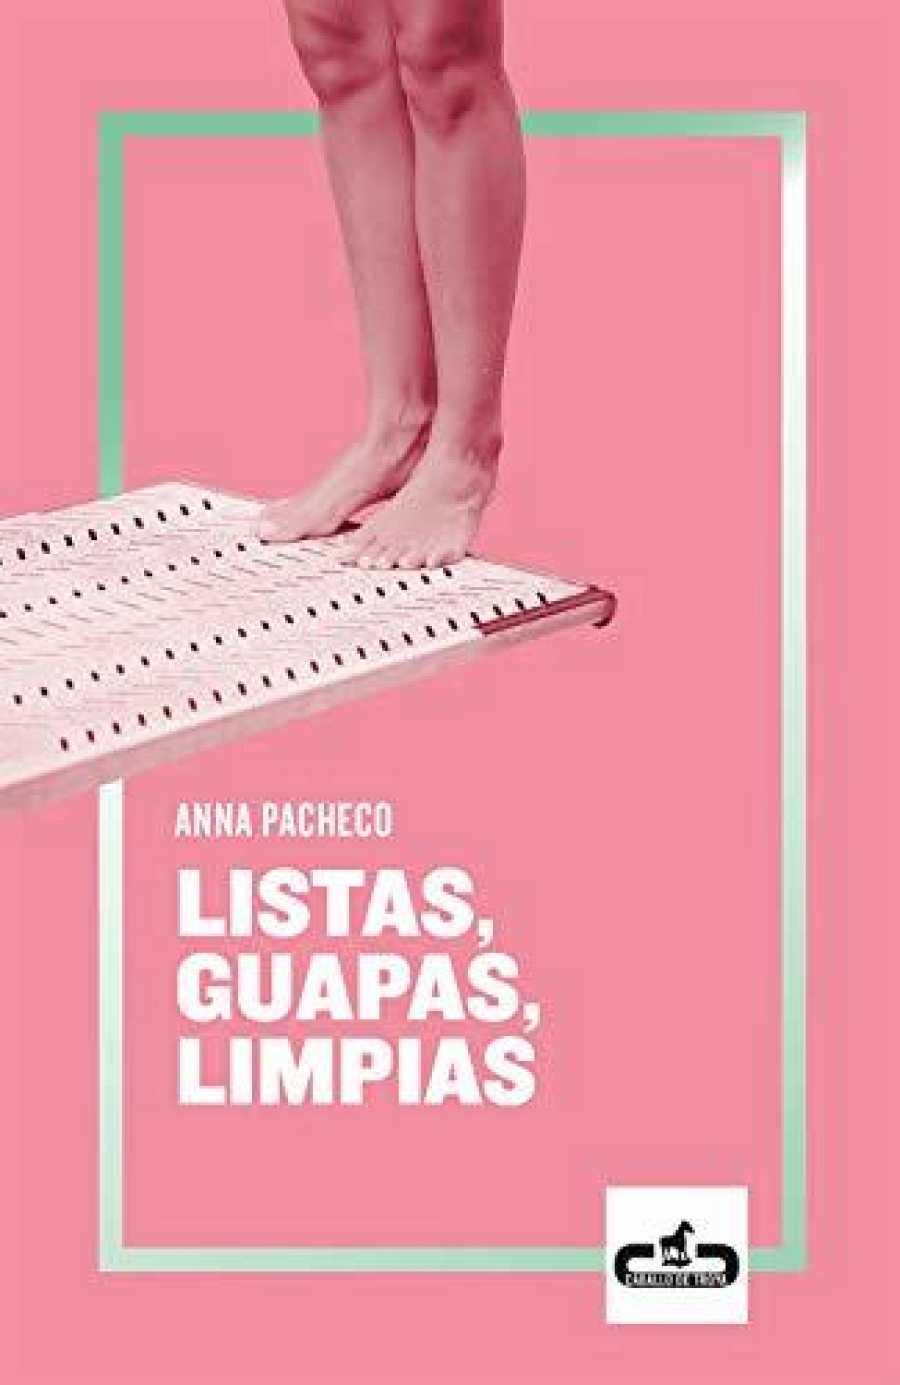 'Listas, guapas, limpias' de Anna Pacheco, el título con más tirón de la editorial Caballo de Troya